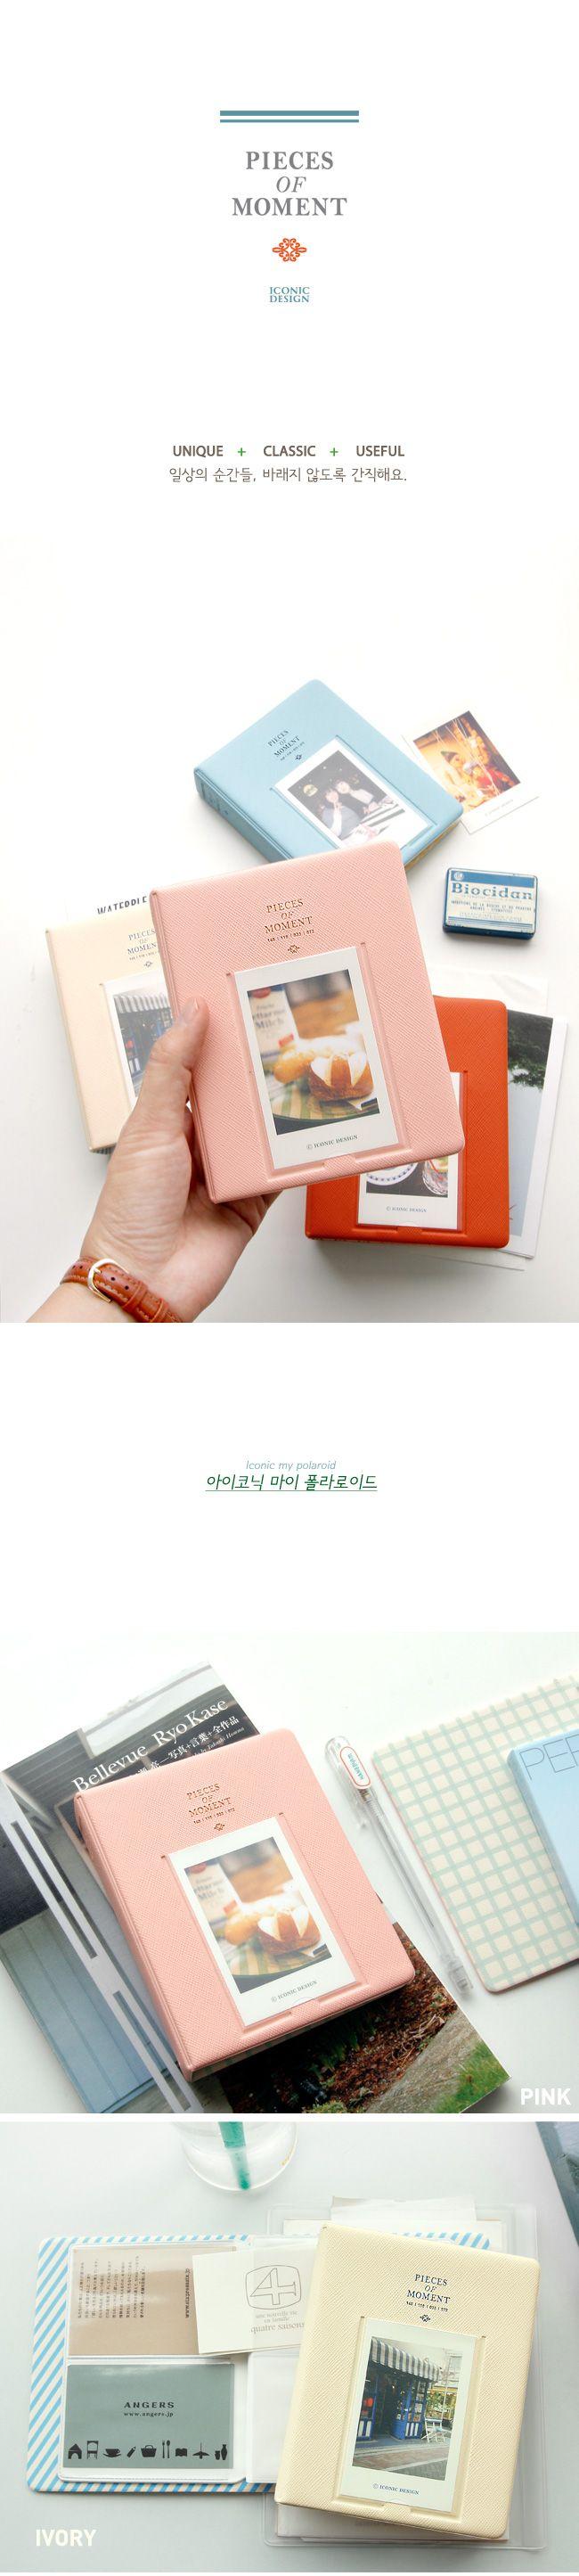 64 Карманы Мини Мгновенный Polaroid Фотоальбом Чемодан для Пленка Fujifilm Instax Mini 7 s 8 Корея instax мини альбом купить на AliExpress